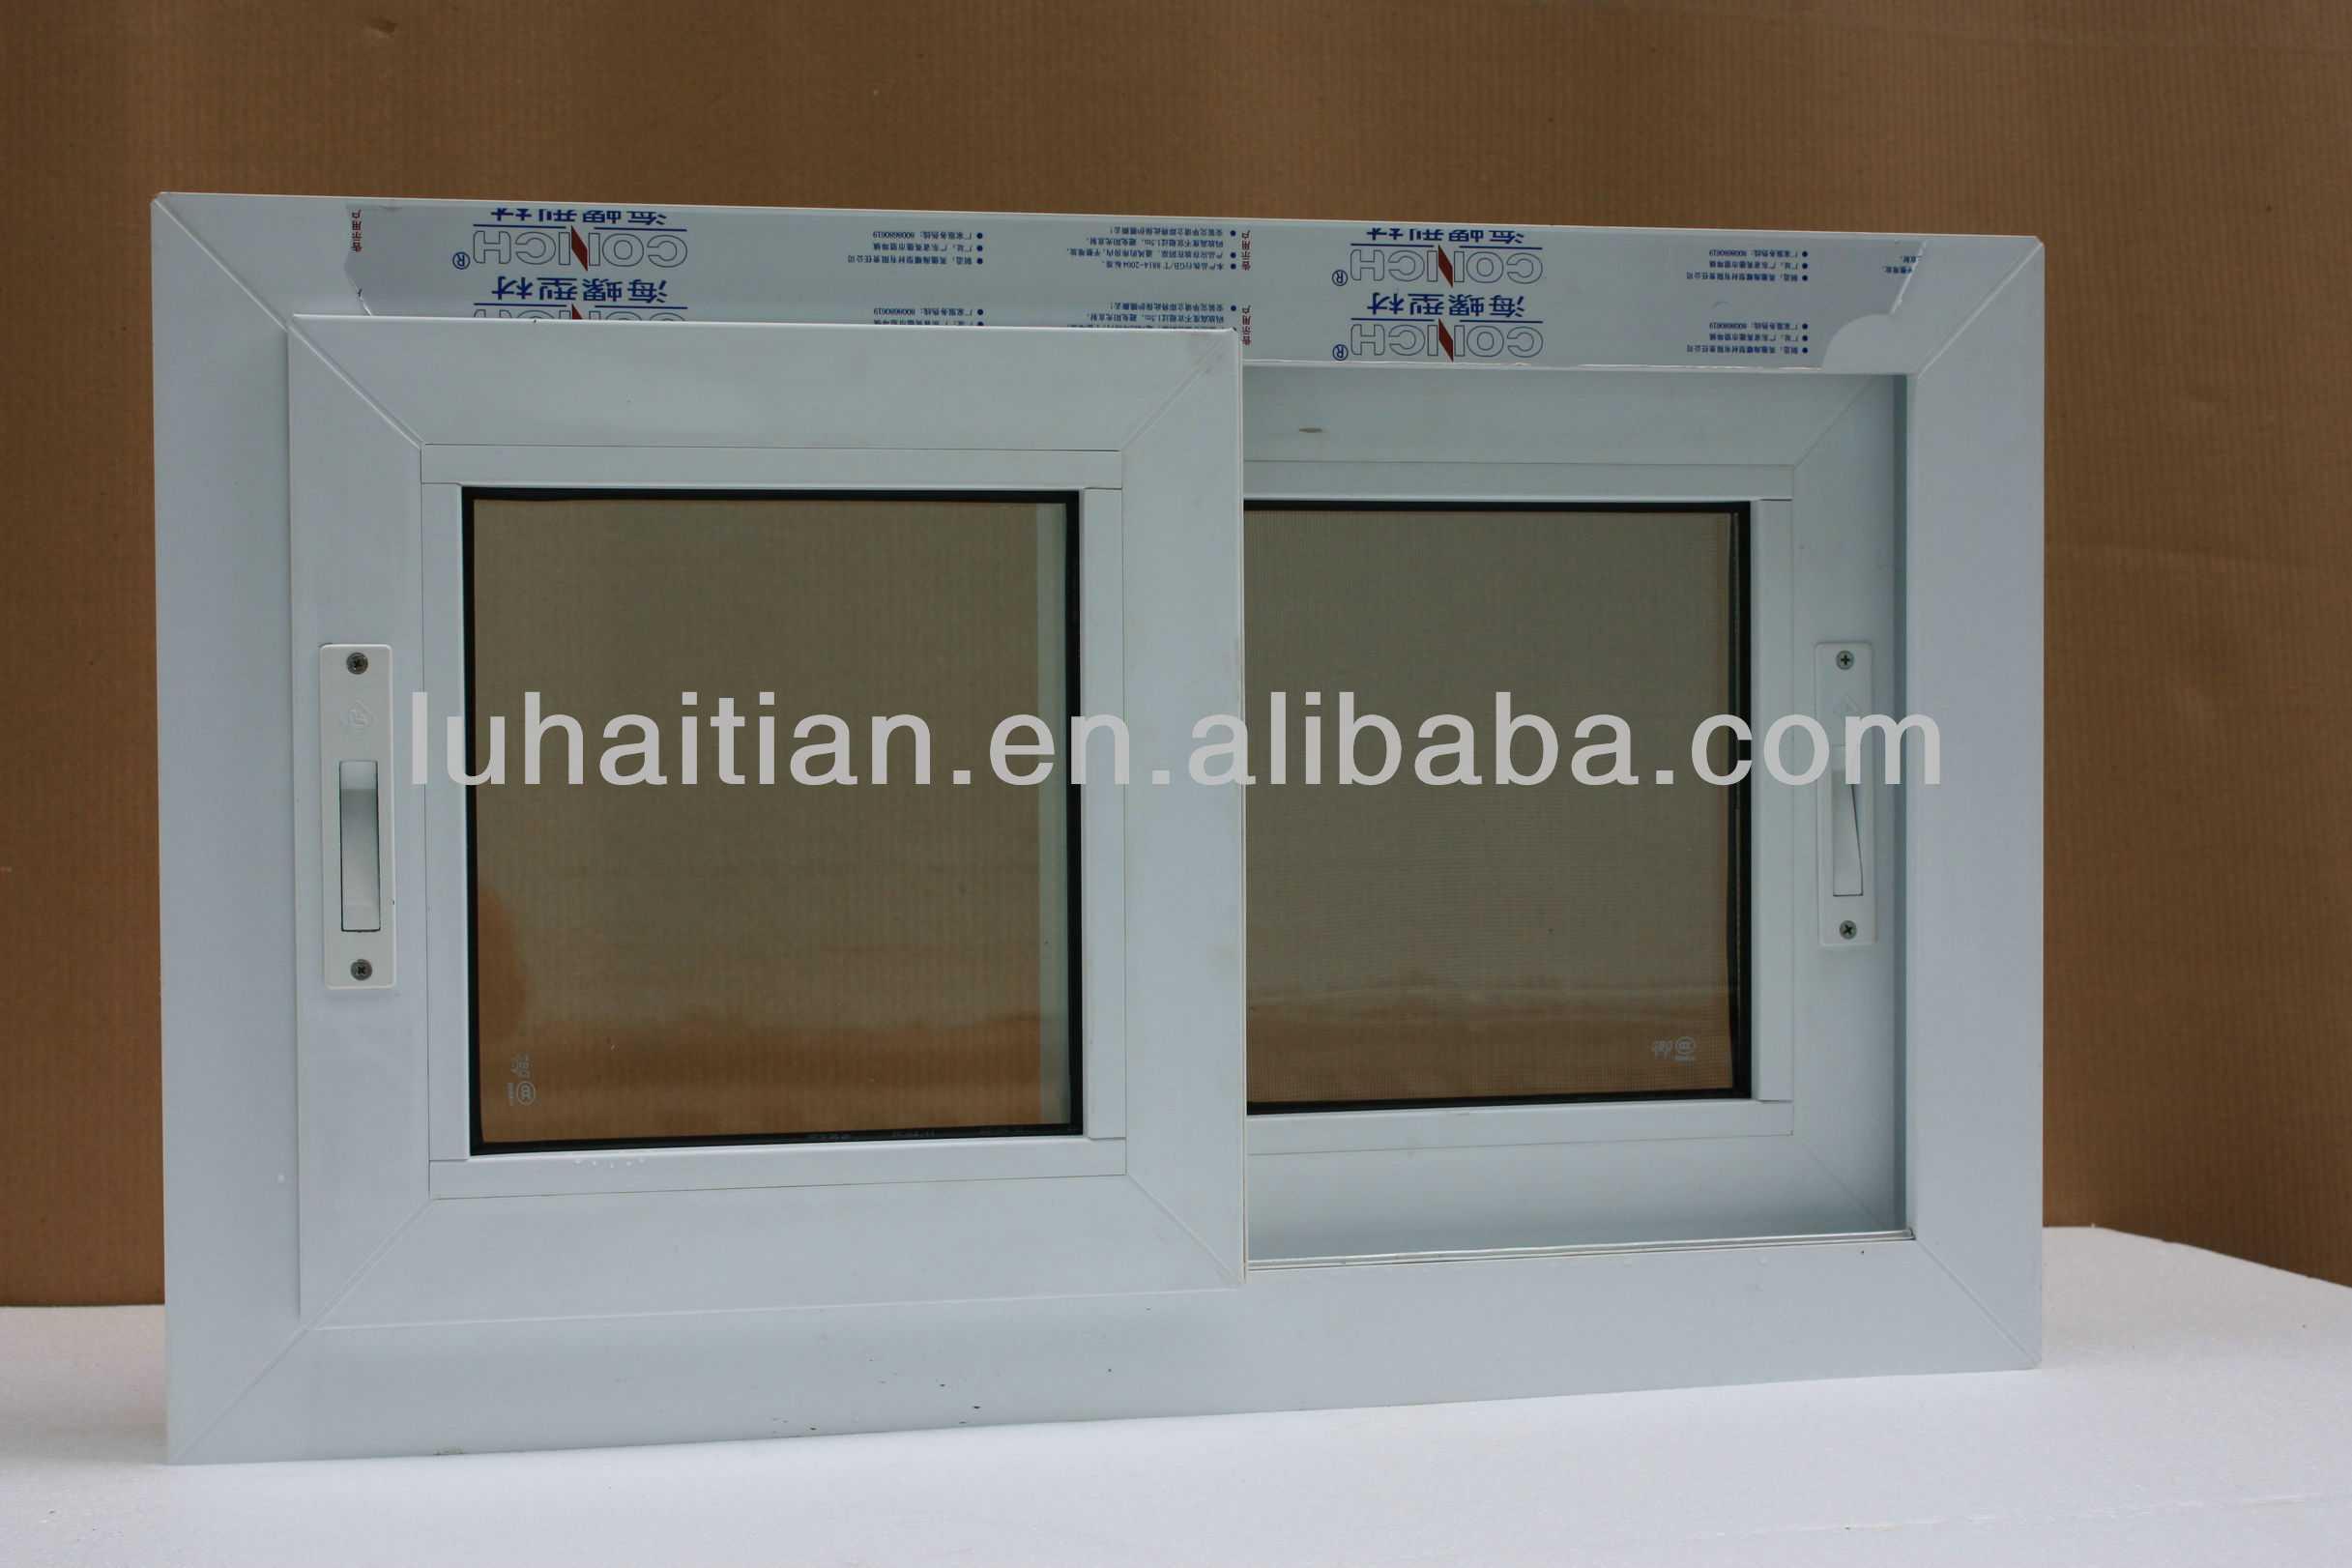 Buon isolamento termico e acustico pvc finestre con doppi vetri vetrino id prodotto 558320188 - Finestre isolamento acustico ...